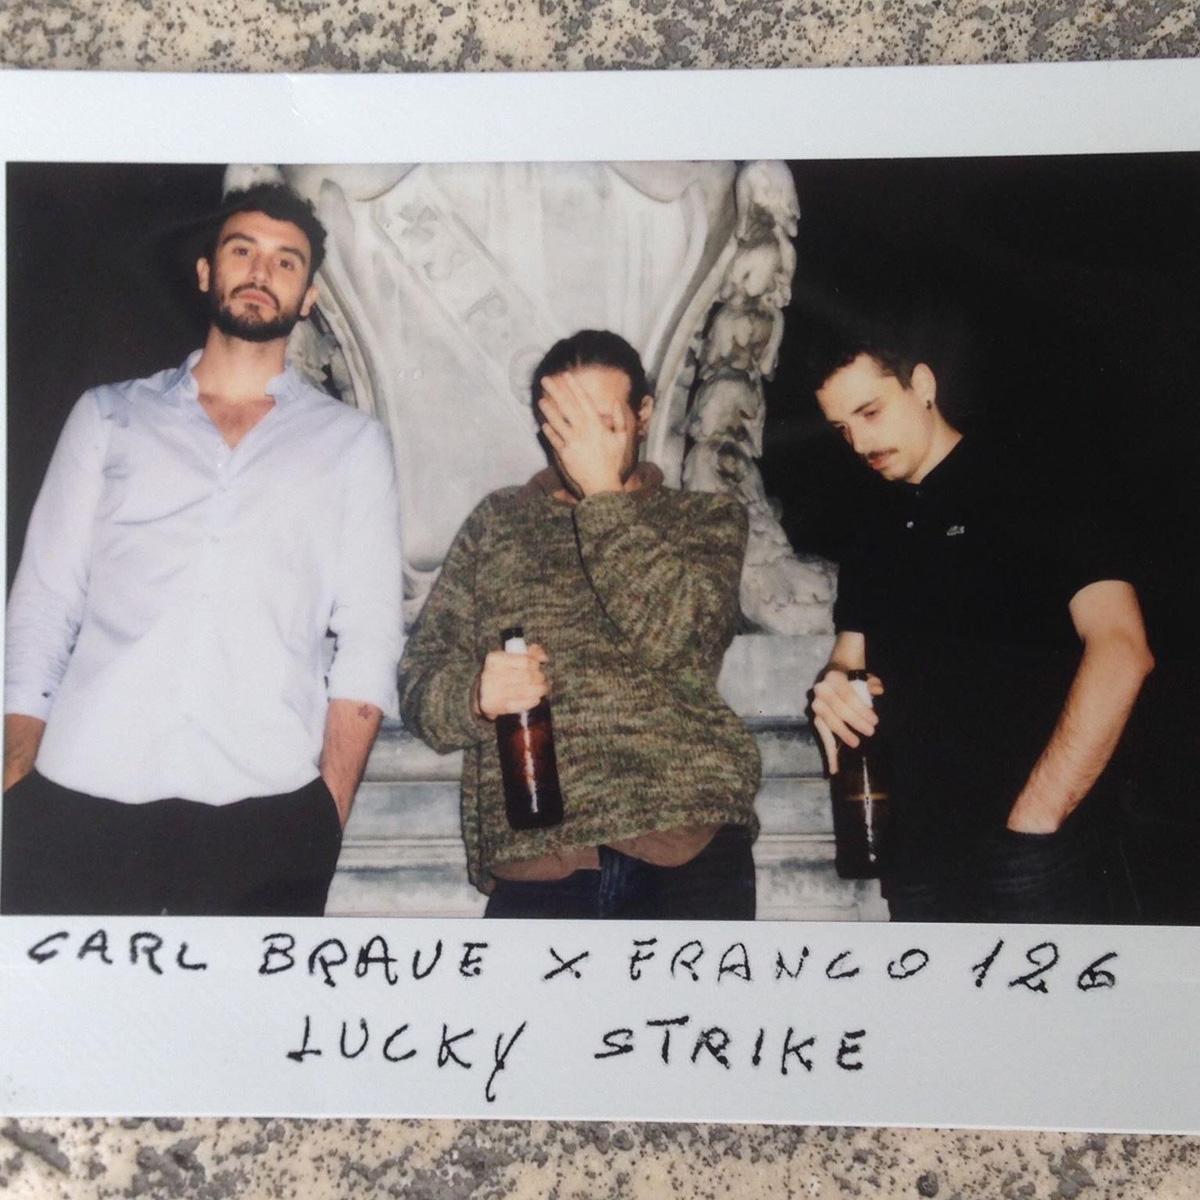 Carl Brave x Franco 126 - Polaroid